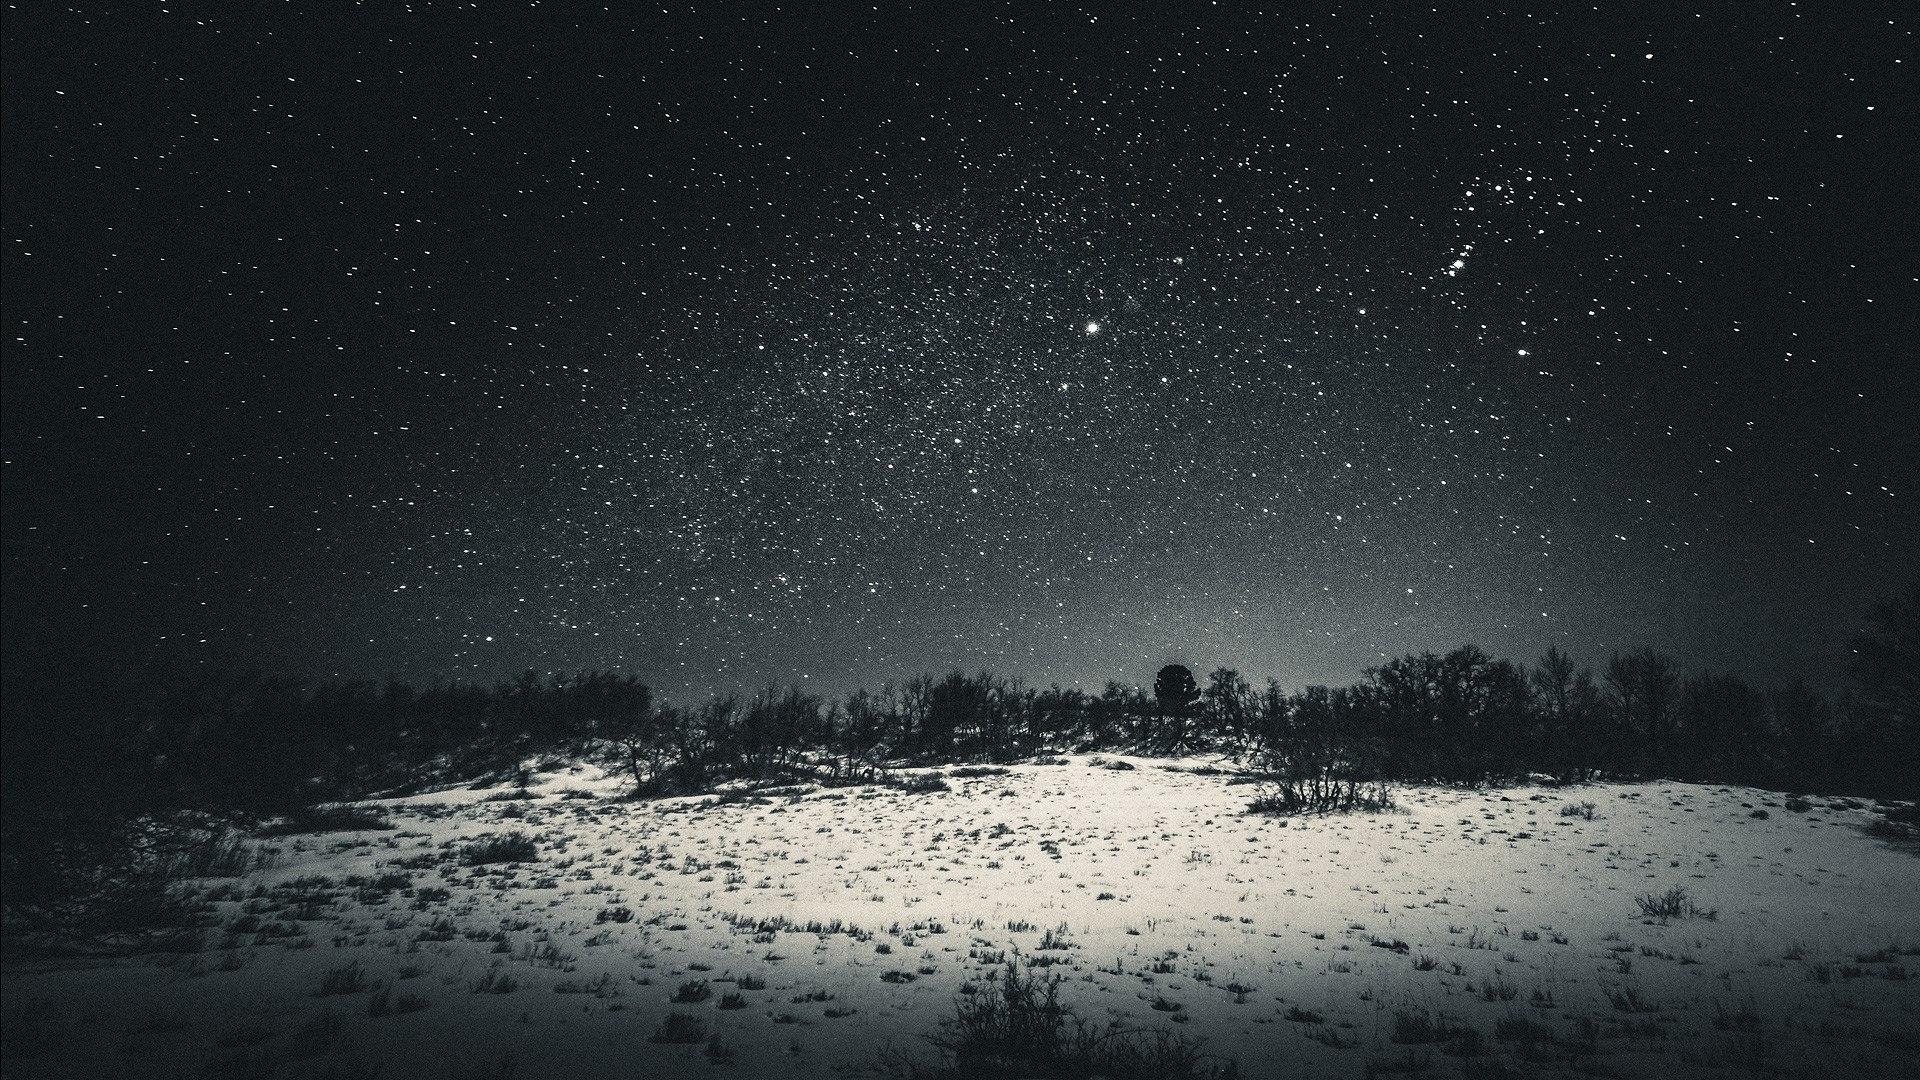 Звёздное небо и космос в картинках - Страница 4 TqKFlEHpTq4